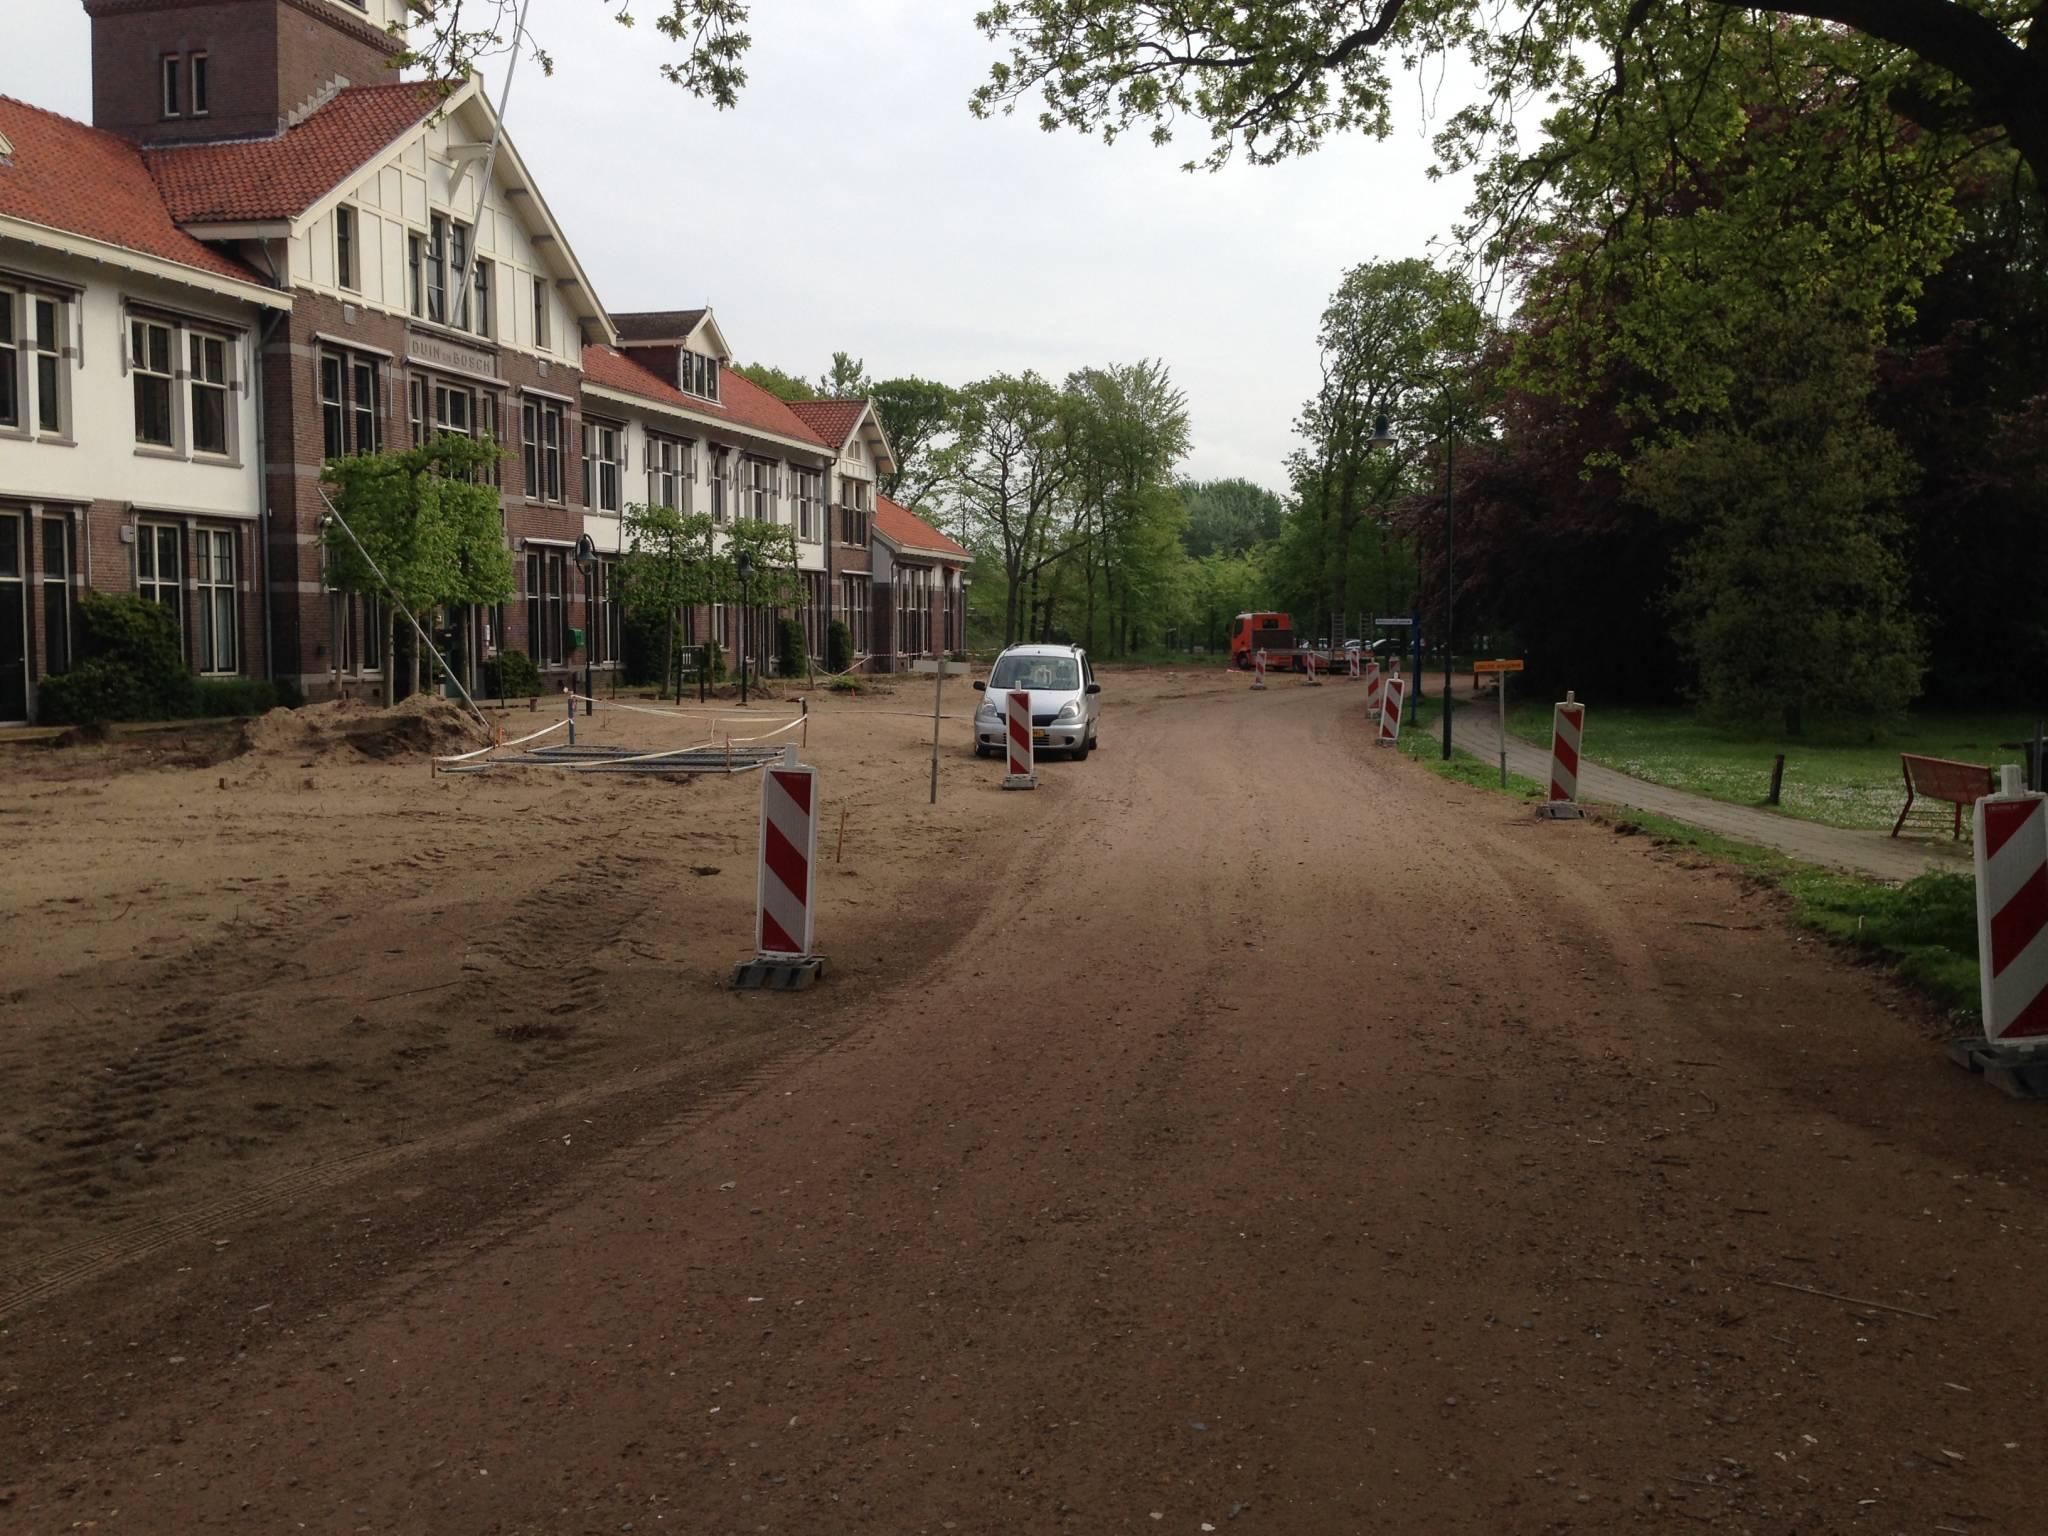 Aannemingsbedrijf Fronik Infra B.V. in Mijdrecht Castricum Ontwikkeling Duin en Bosch